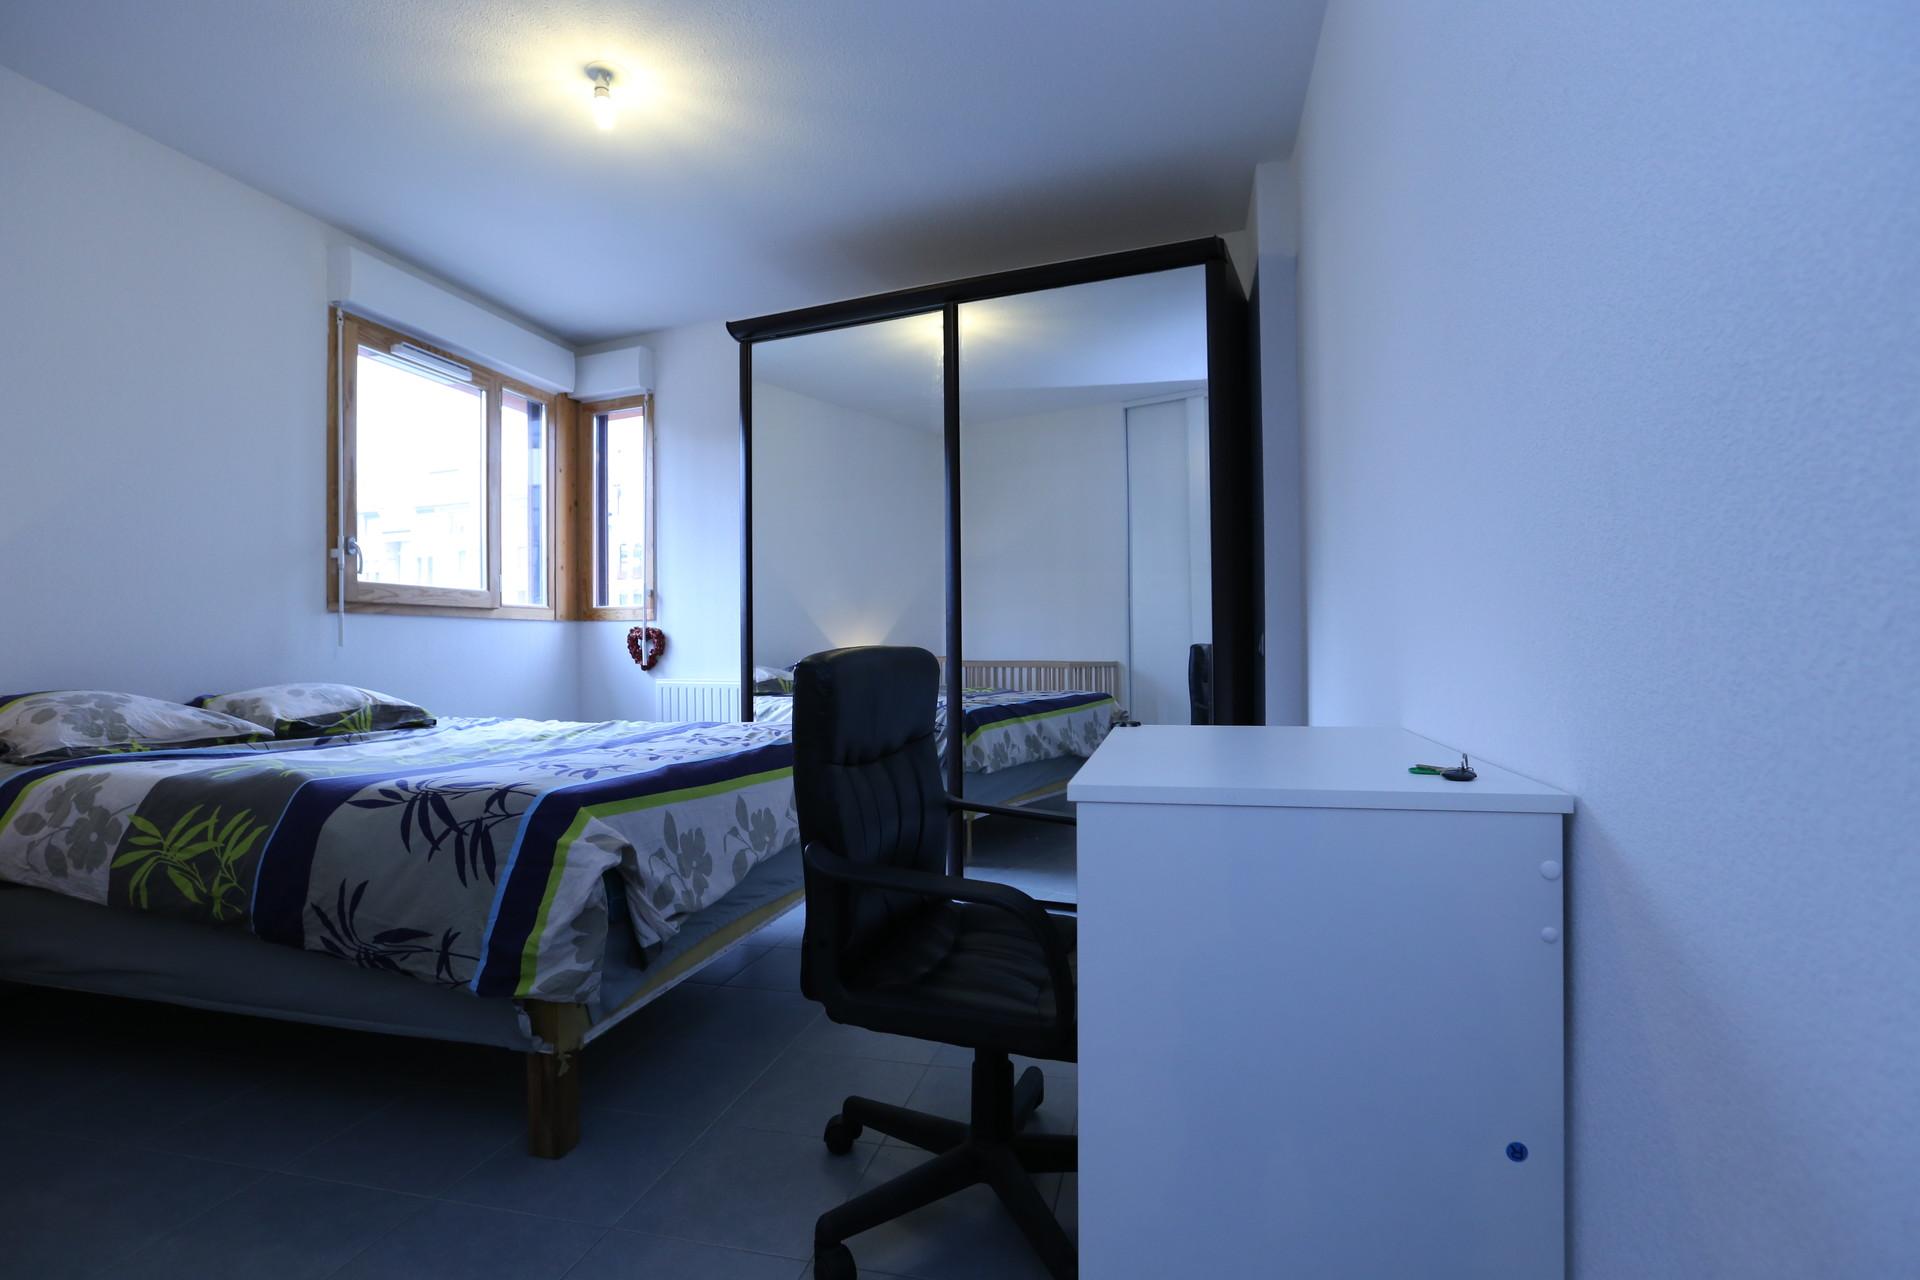 location chambre privee